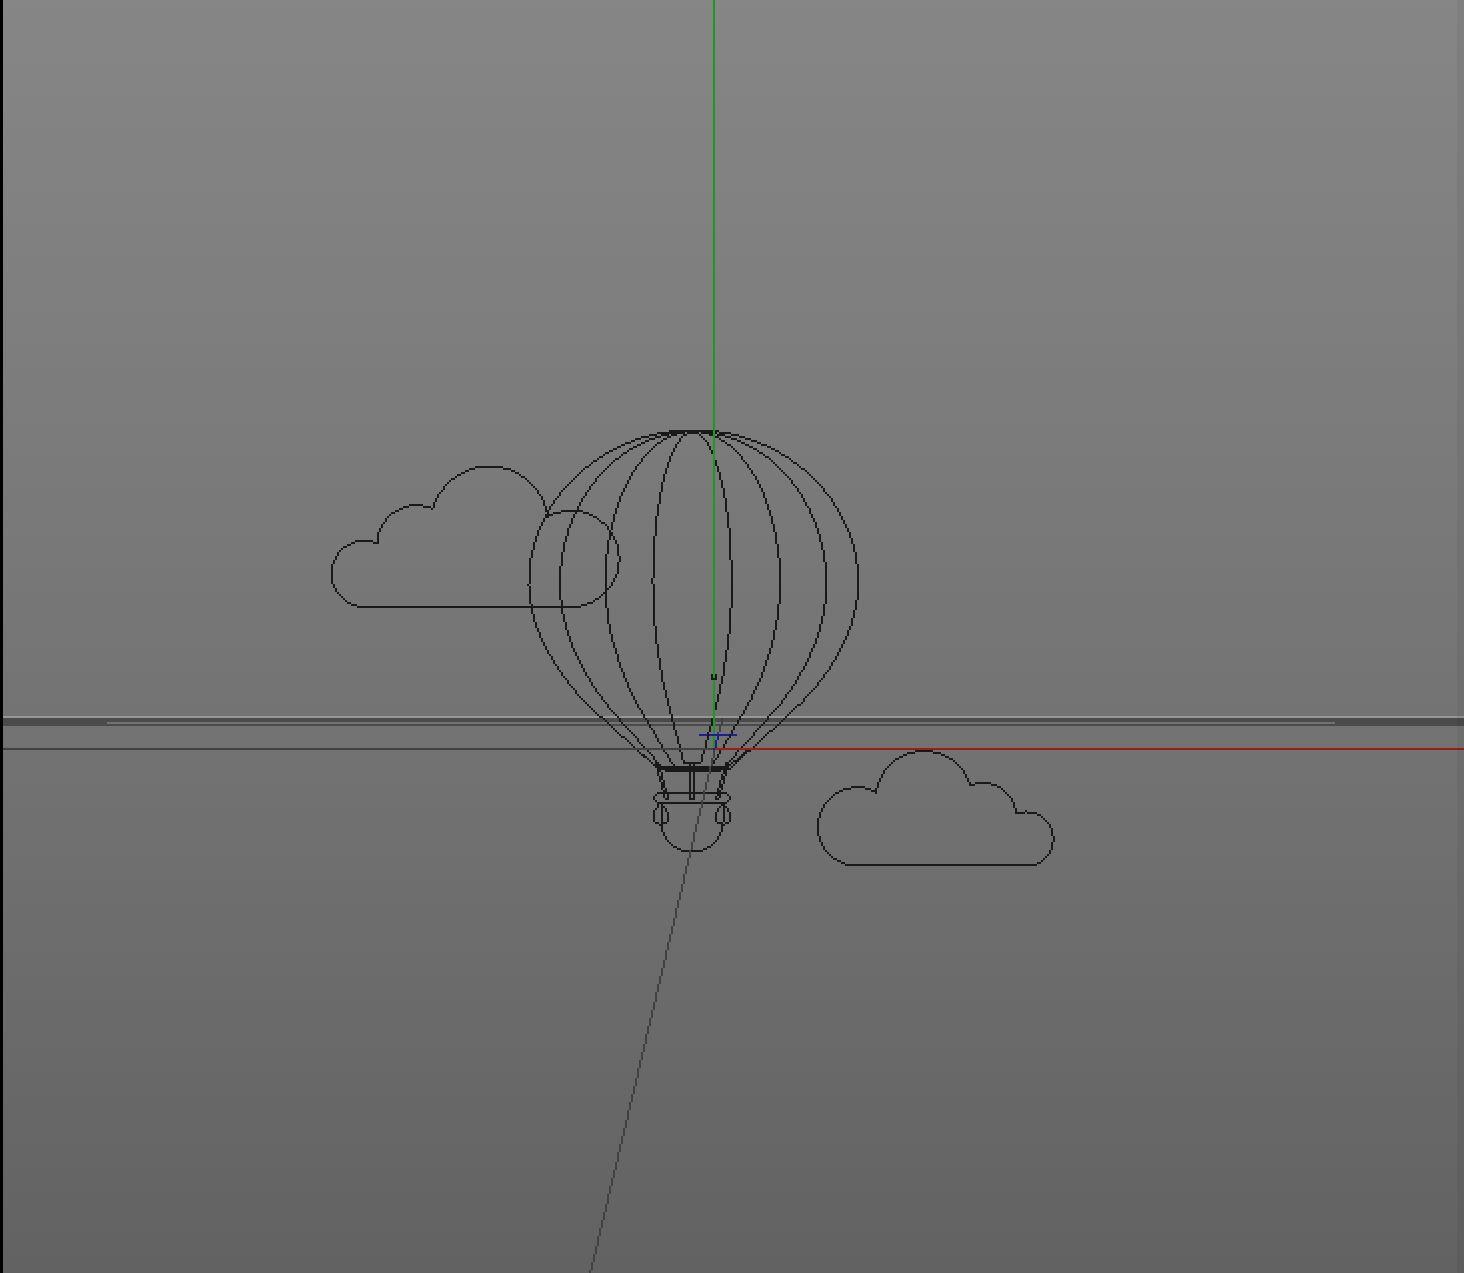 待改-C4D简单制作剪纸效果小插画(1)